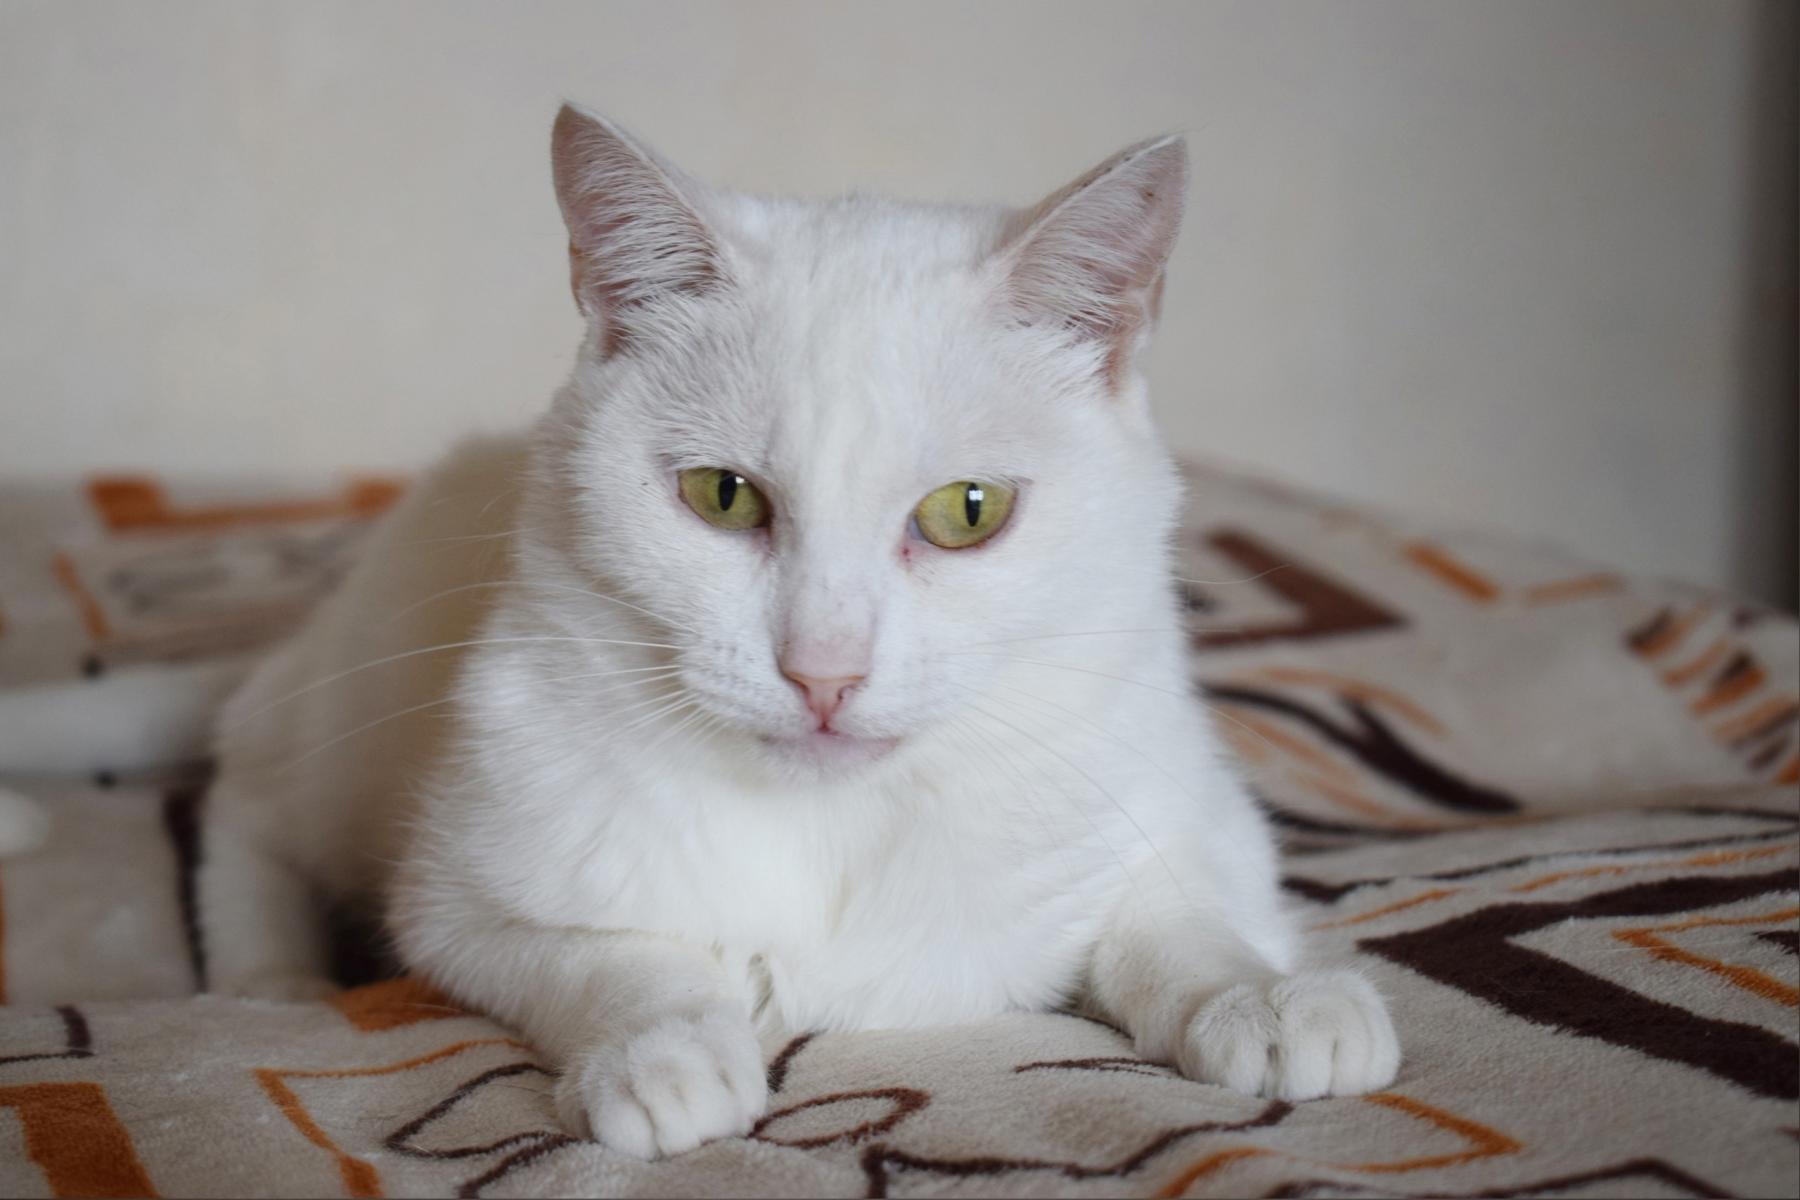 Фото Друзья непростой судьбы: новосибирцев просят пристроить грустных котиков и собачек 4